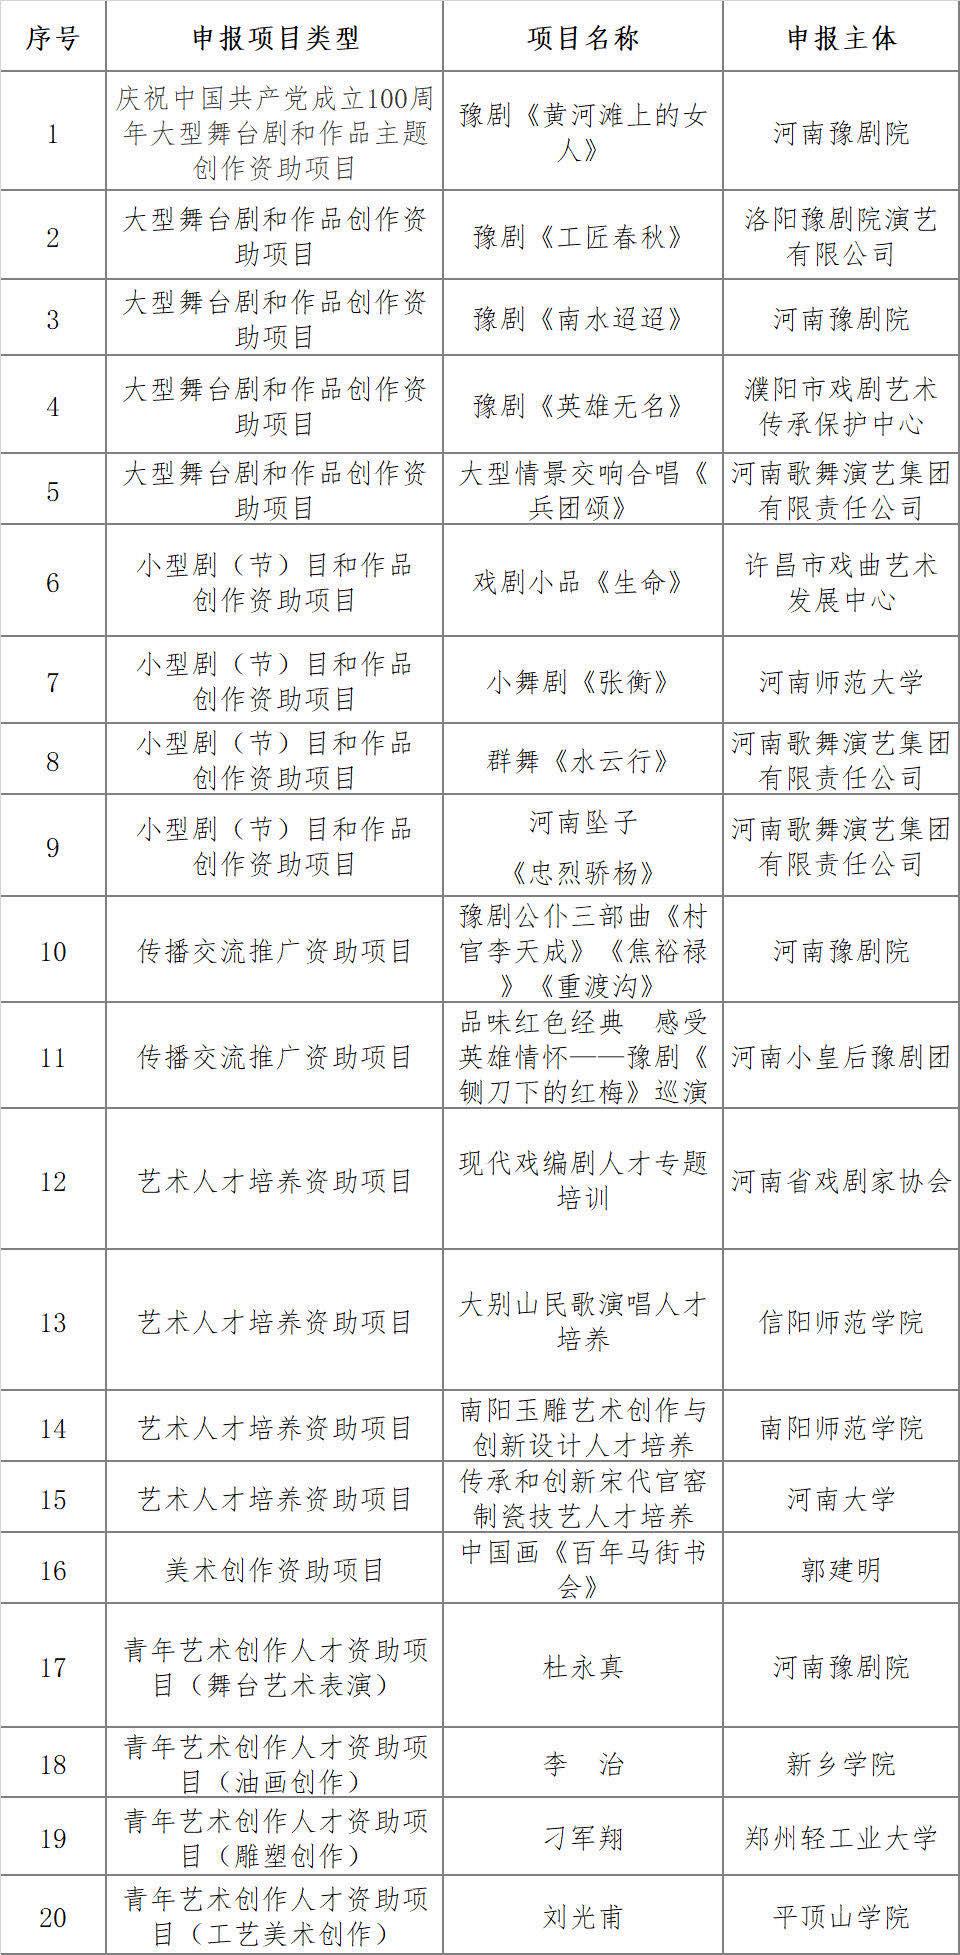 名单出炉!河南省20个项目入围国家艺术基金立项资助